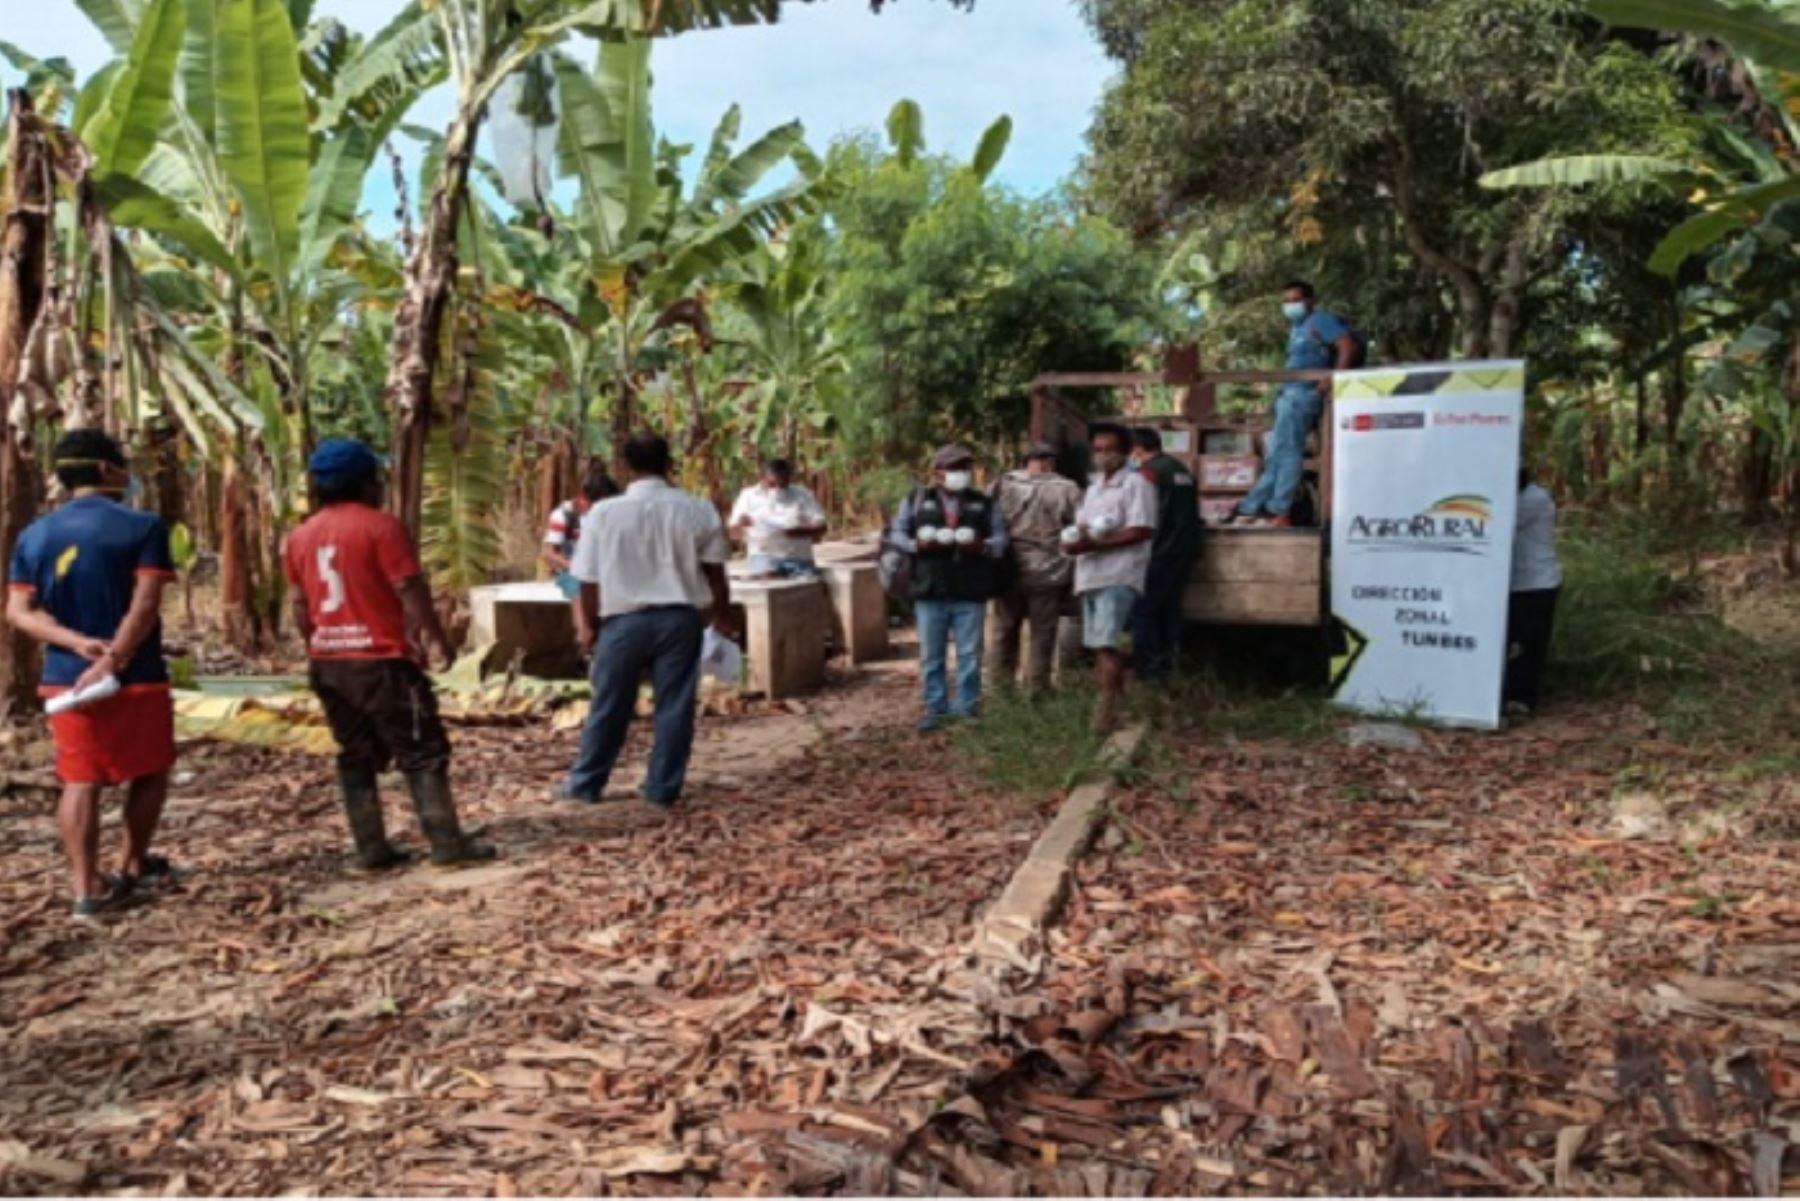 La entrega de abono foliar a pequeños productores registra un 85 % de avance, informó Agro Rural.